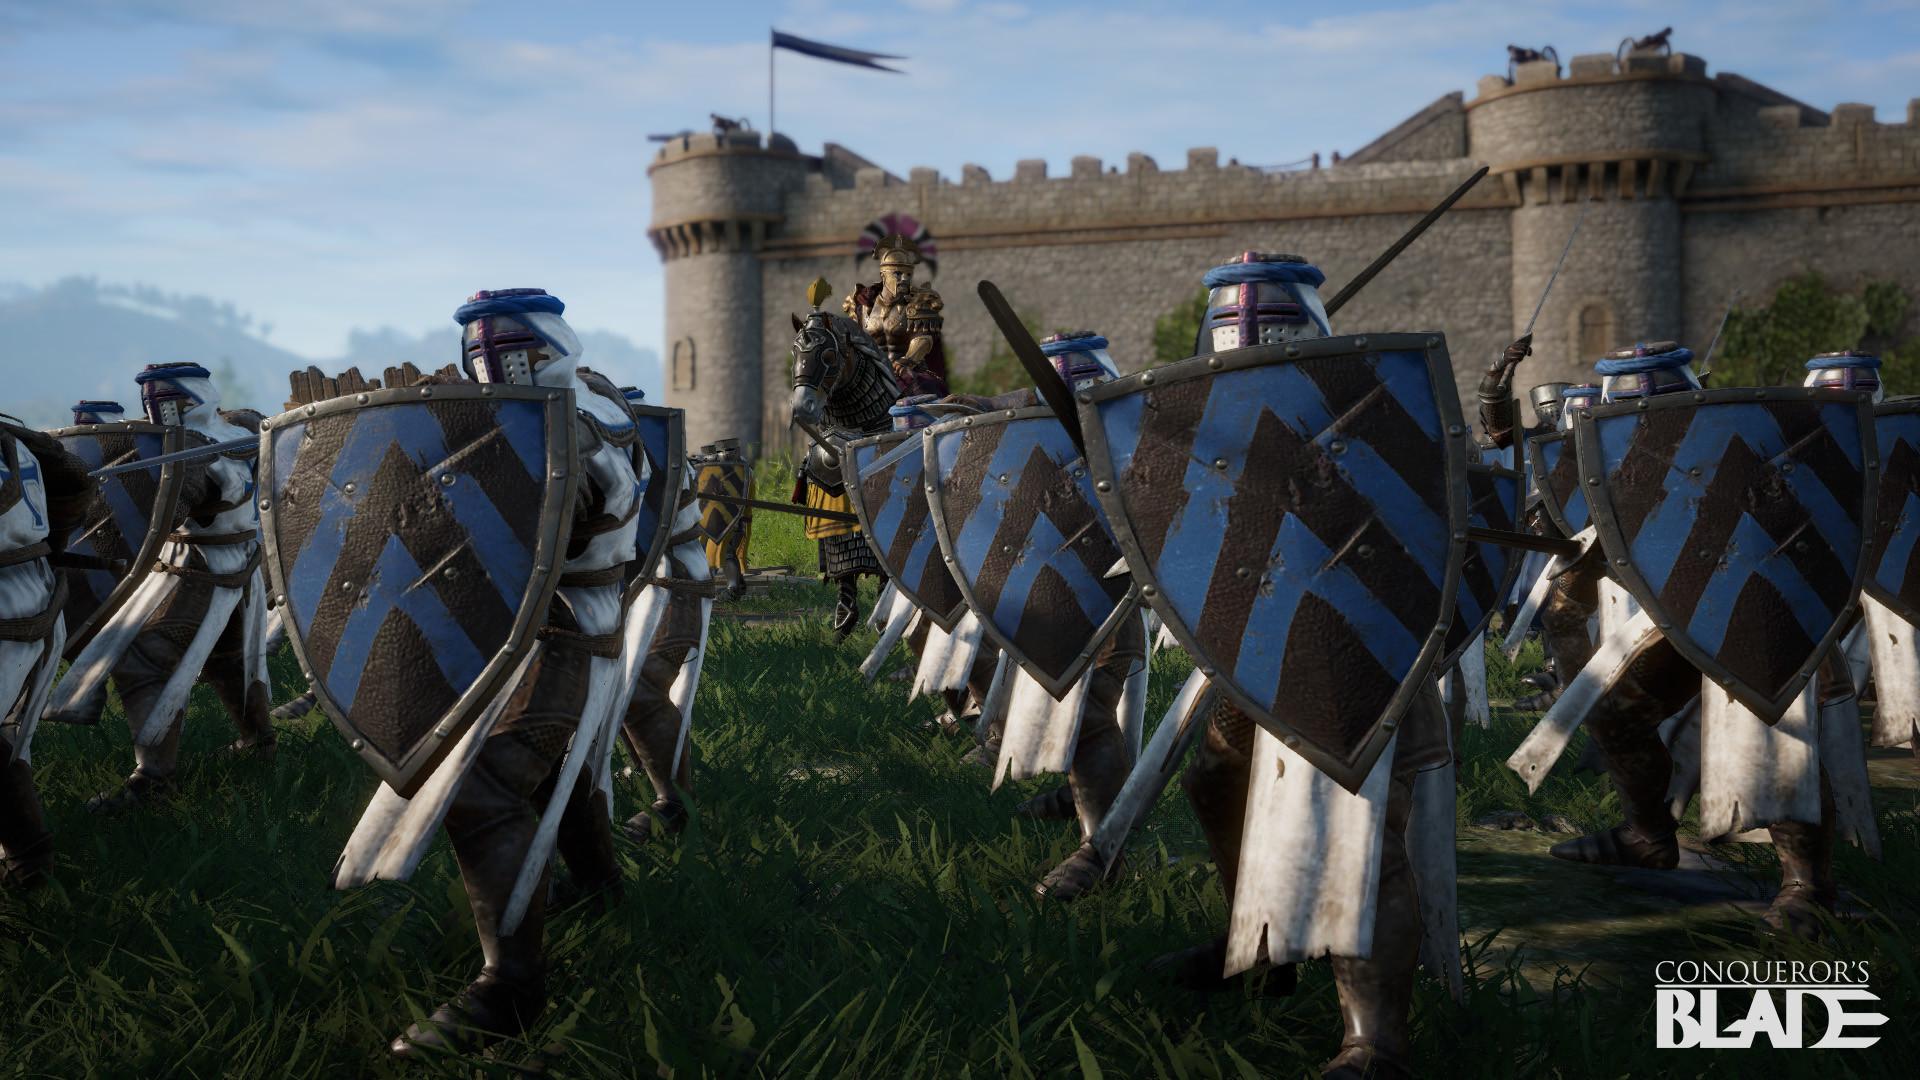 Claim Conqueror's Blade for free